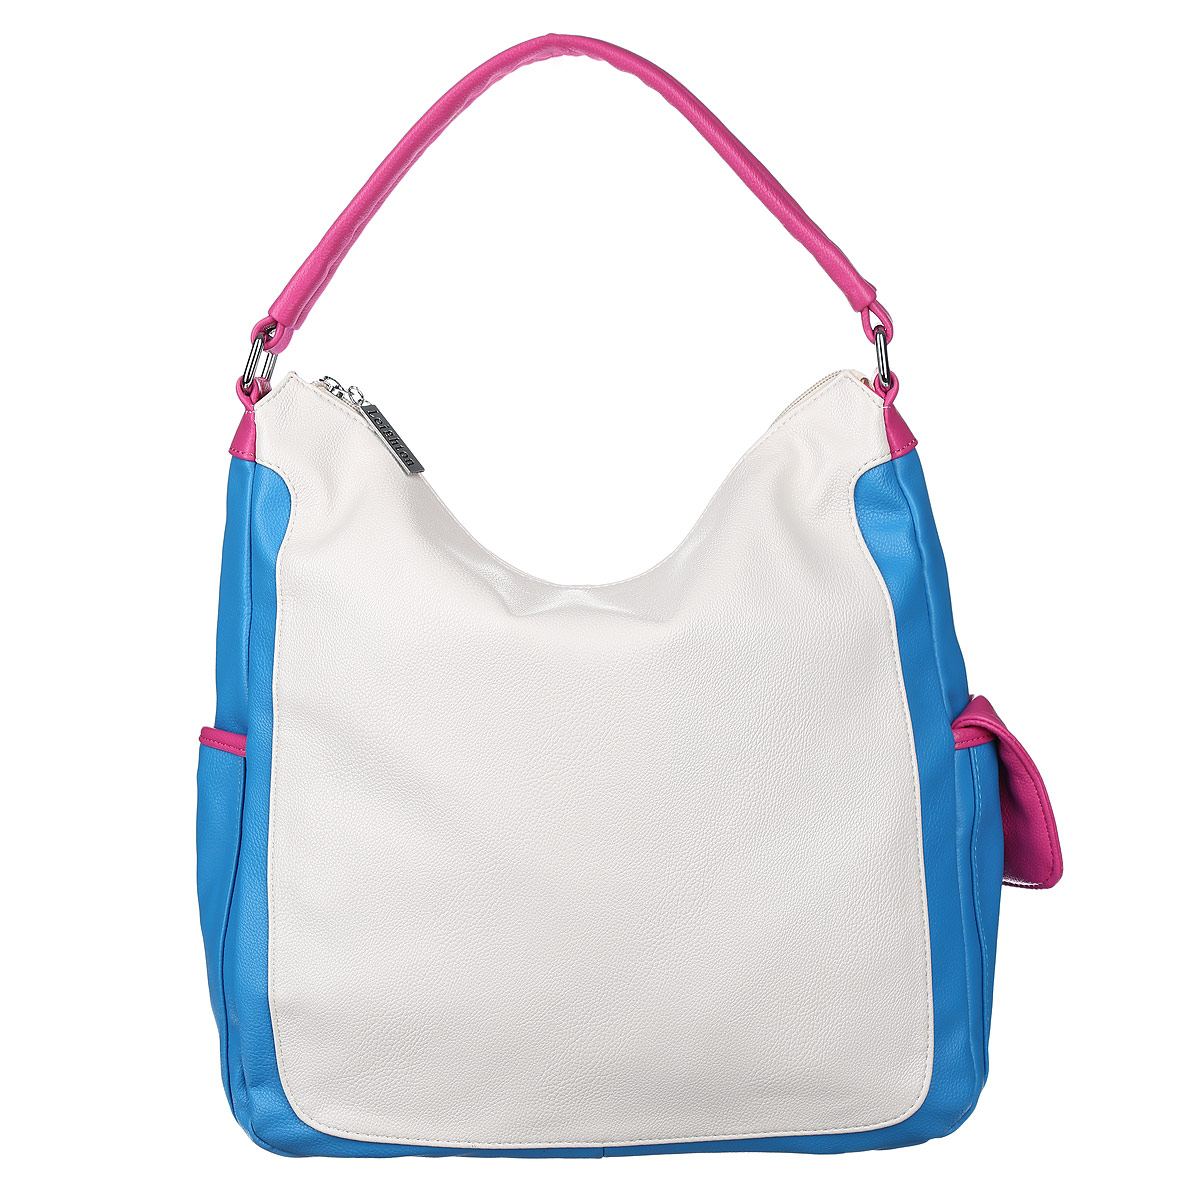 Сумка женская Leighton, цвет: белый, голубой, розовый. 10421-1070/922/1070/707/123008Стильная женская сумка Leighton выполнена из высококачественной искусственной кожи с отделкой контрастного цвета.Сумка имеет одно вместительное отделение, закрывающееся на застежку-молнию. Внутри располагается вшитый карман на застежке-молнии, образующий дополнительное малое отделение, а также два открытых кармана для мелочей и один прорезной карман на молнии. С внешней стороны на задней стенке расположен карман на молнии. По бокам сумки расположены дополнительные карманы, которые застегиваются на магнитные кнопки.Сумка имеет одну ручку. Фурнитура - серебристого цвета. Сумка - это стильный аксессуар, который подчеркнет вашу индивидуальность и сделает ваш образ завершенным. Классическое цветовое сочетание, стильный декор, модный дизайн - прекрасное дополнение к гардеробу модницы.